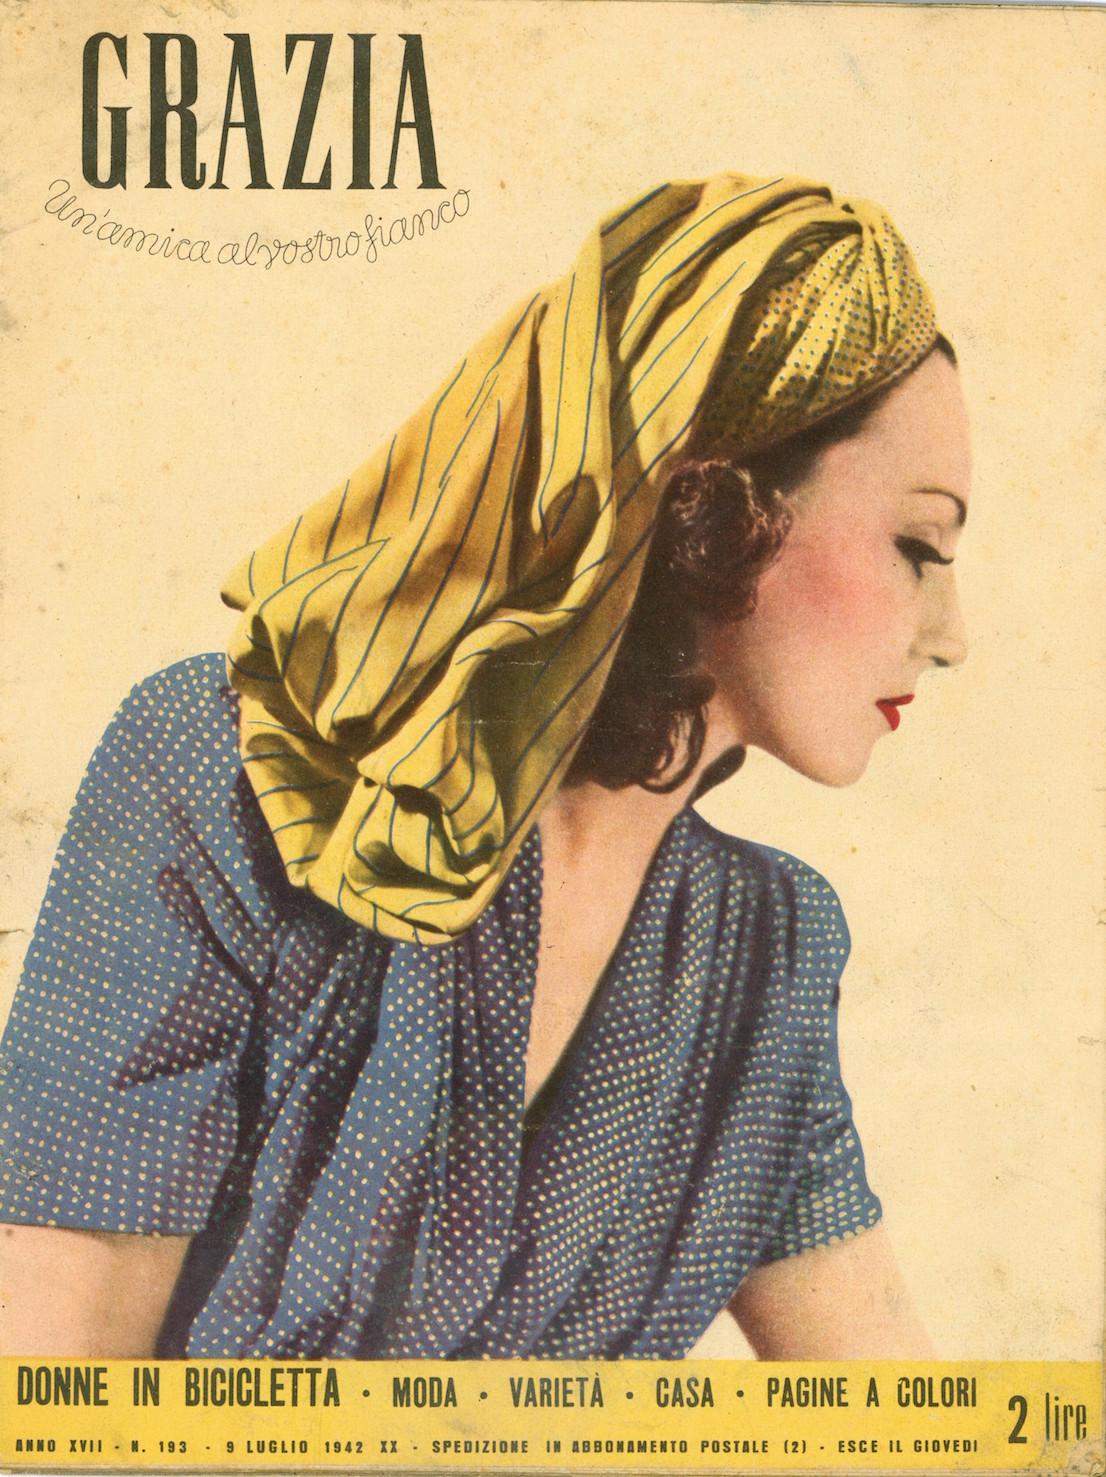 Grazia 193, 1942. Copertina.